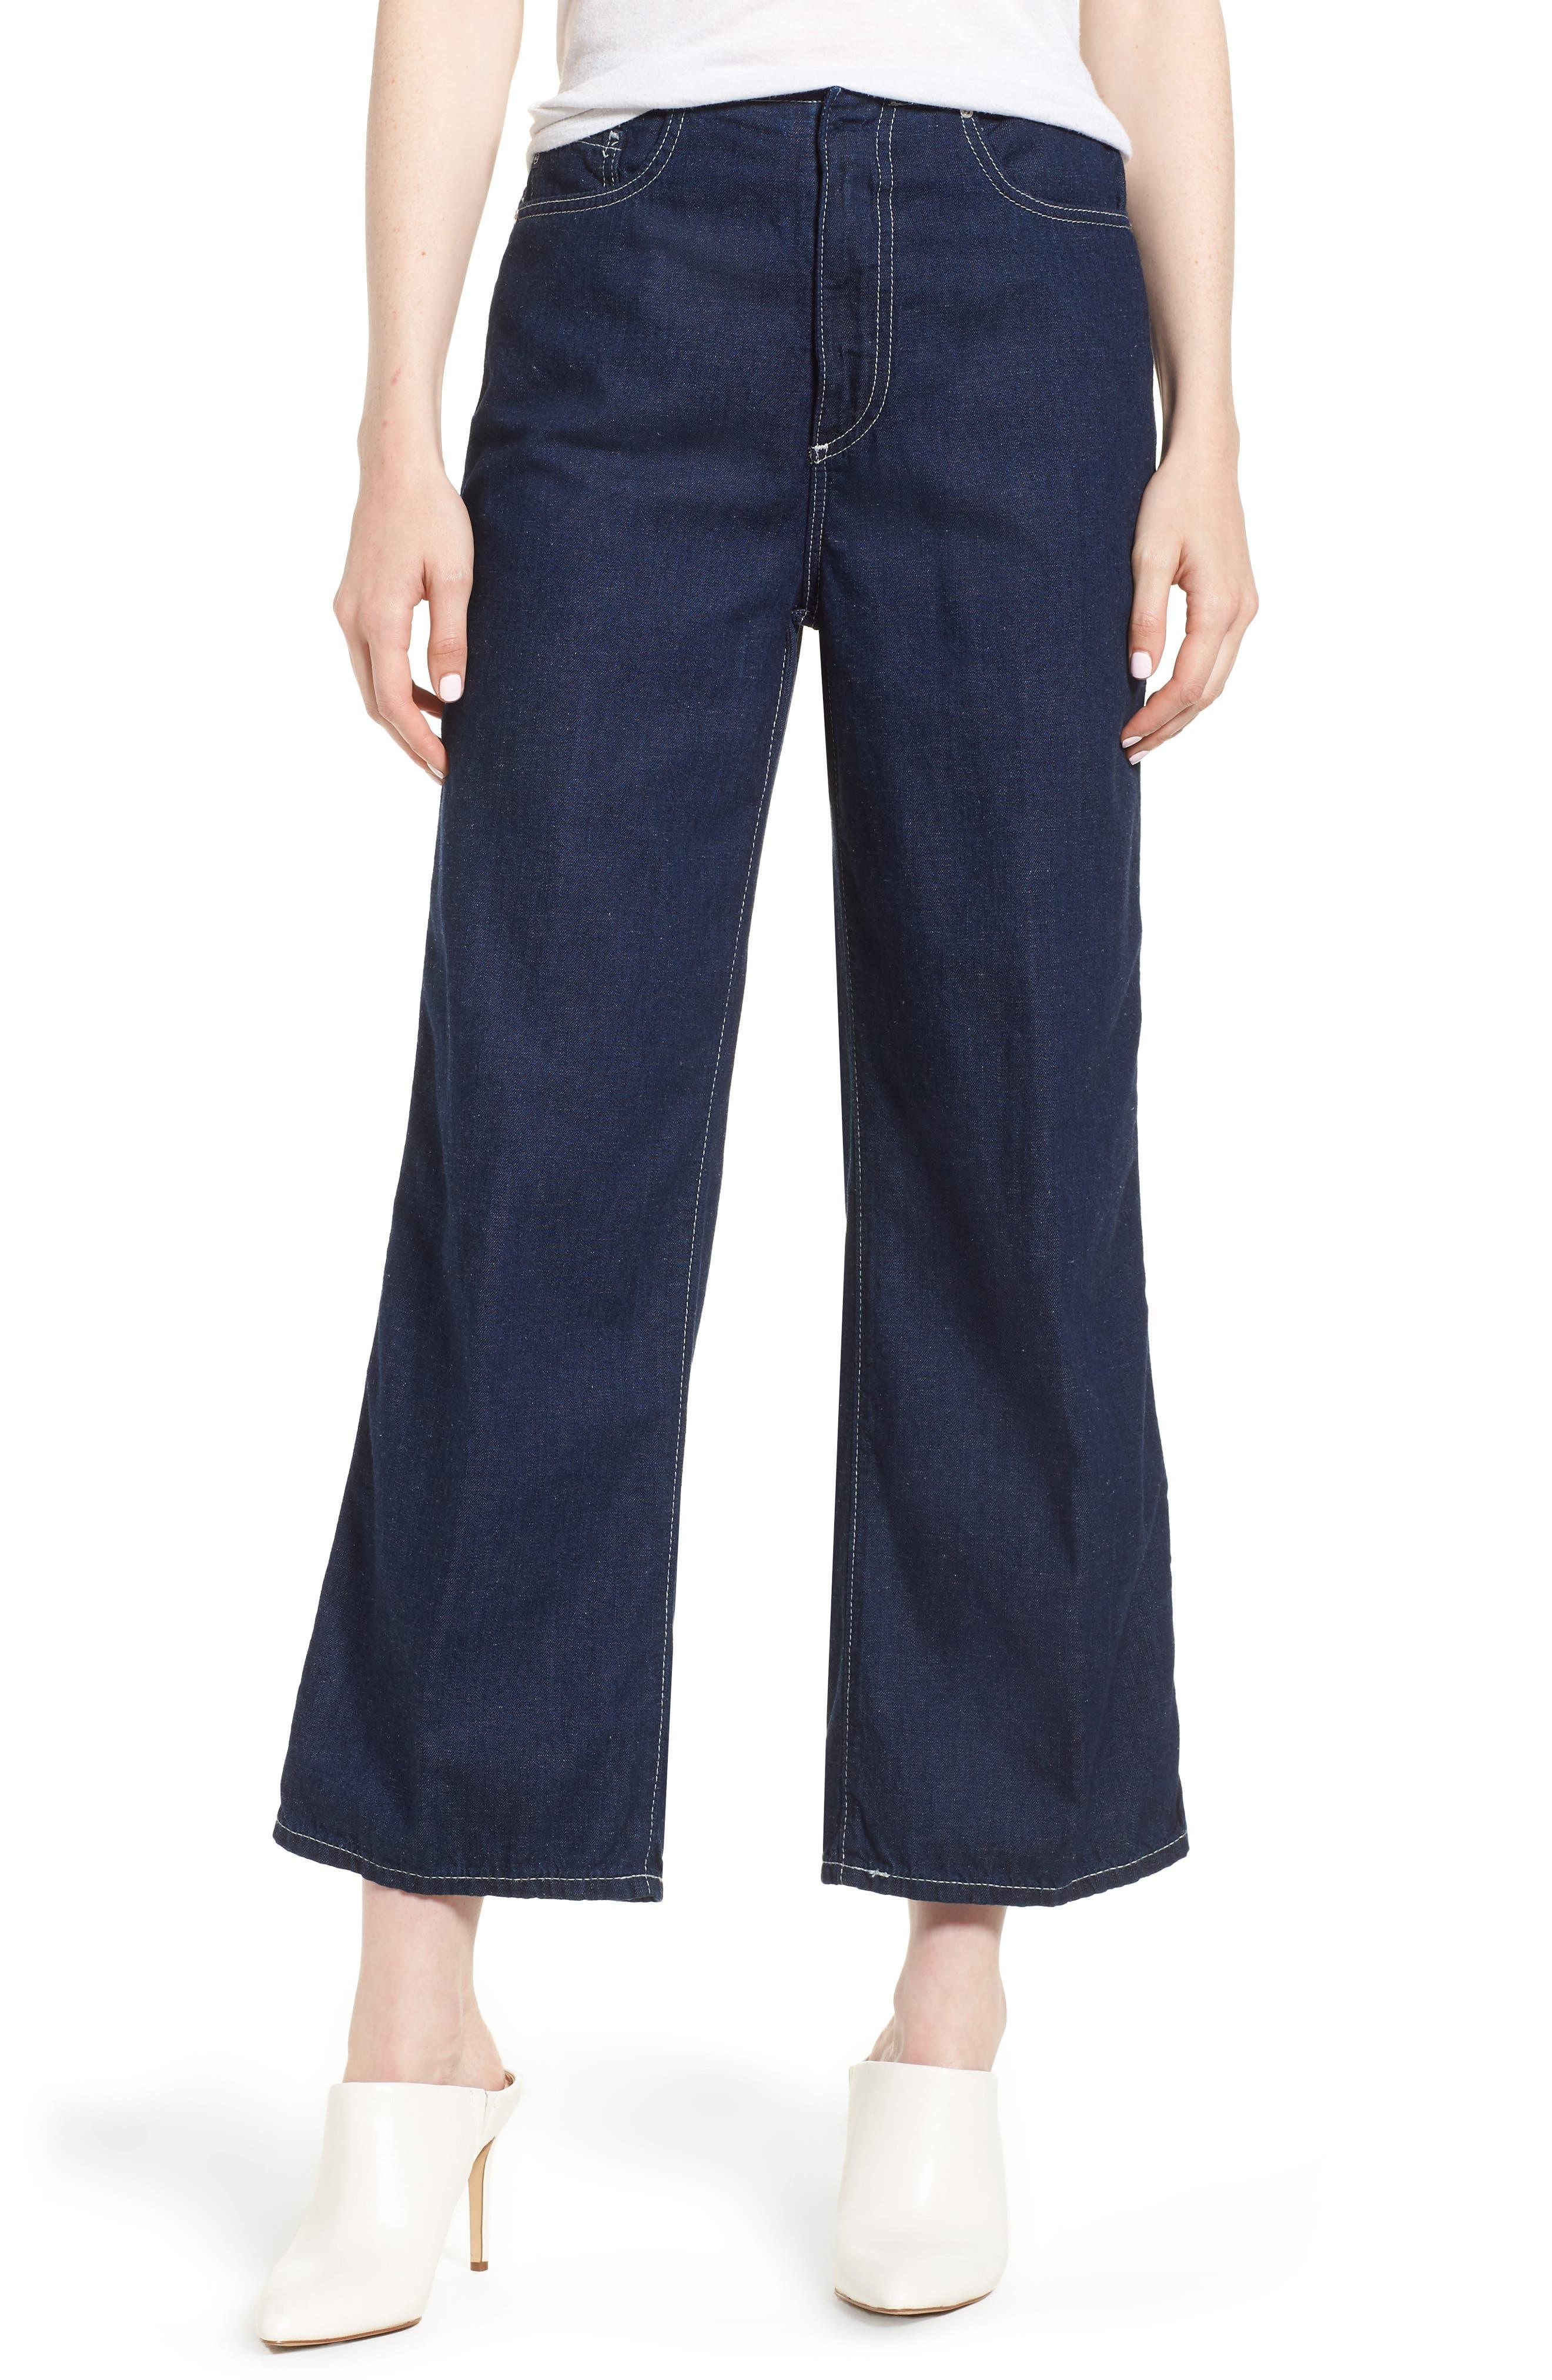 Etta High Waist Crop Wide Leg Jeans,                             Main thumbnail 1, color,                             496